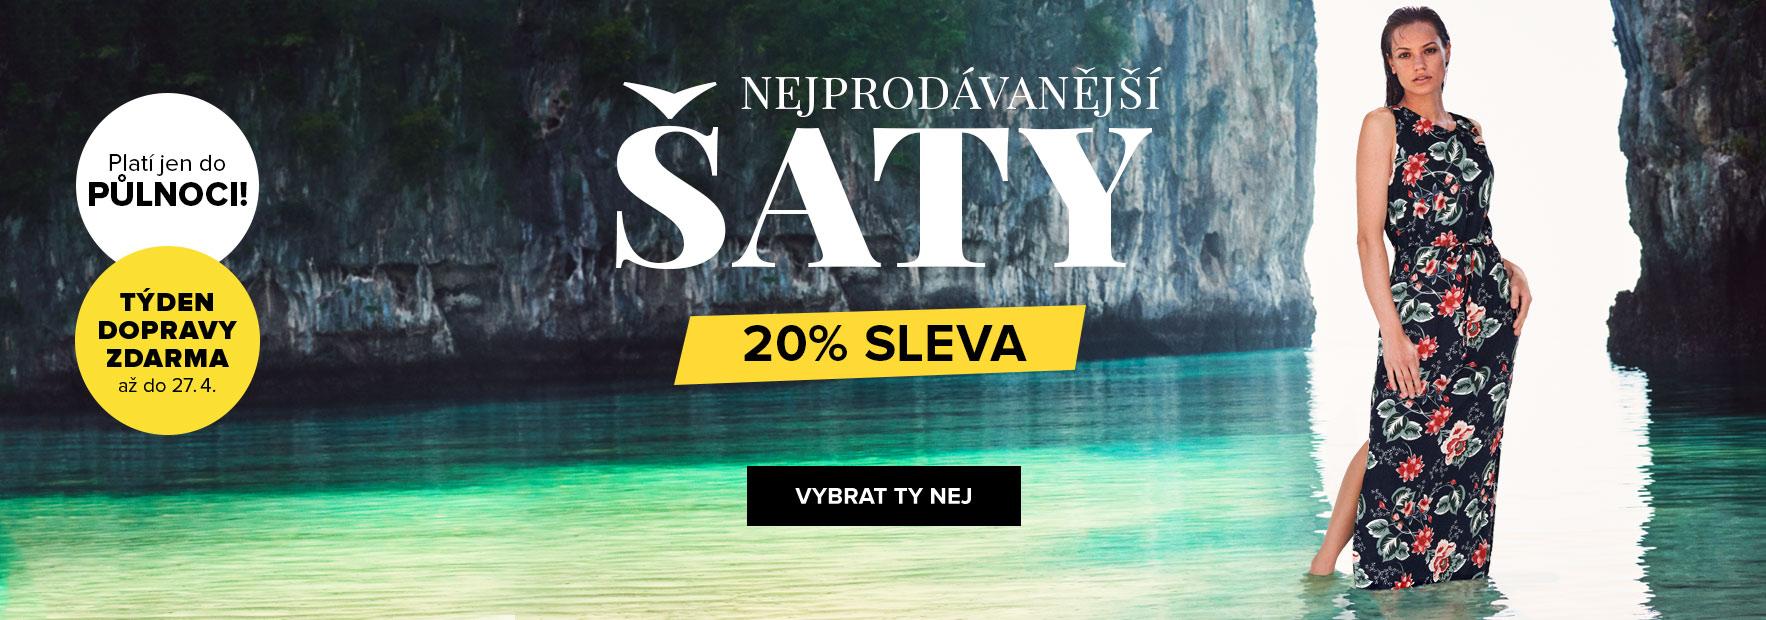 week 16_Sleva_20%_saty_nejprodavanejsi_saty